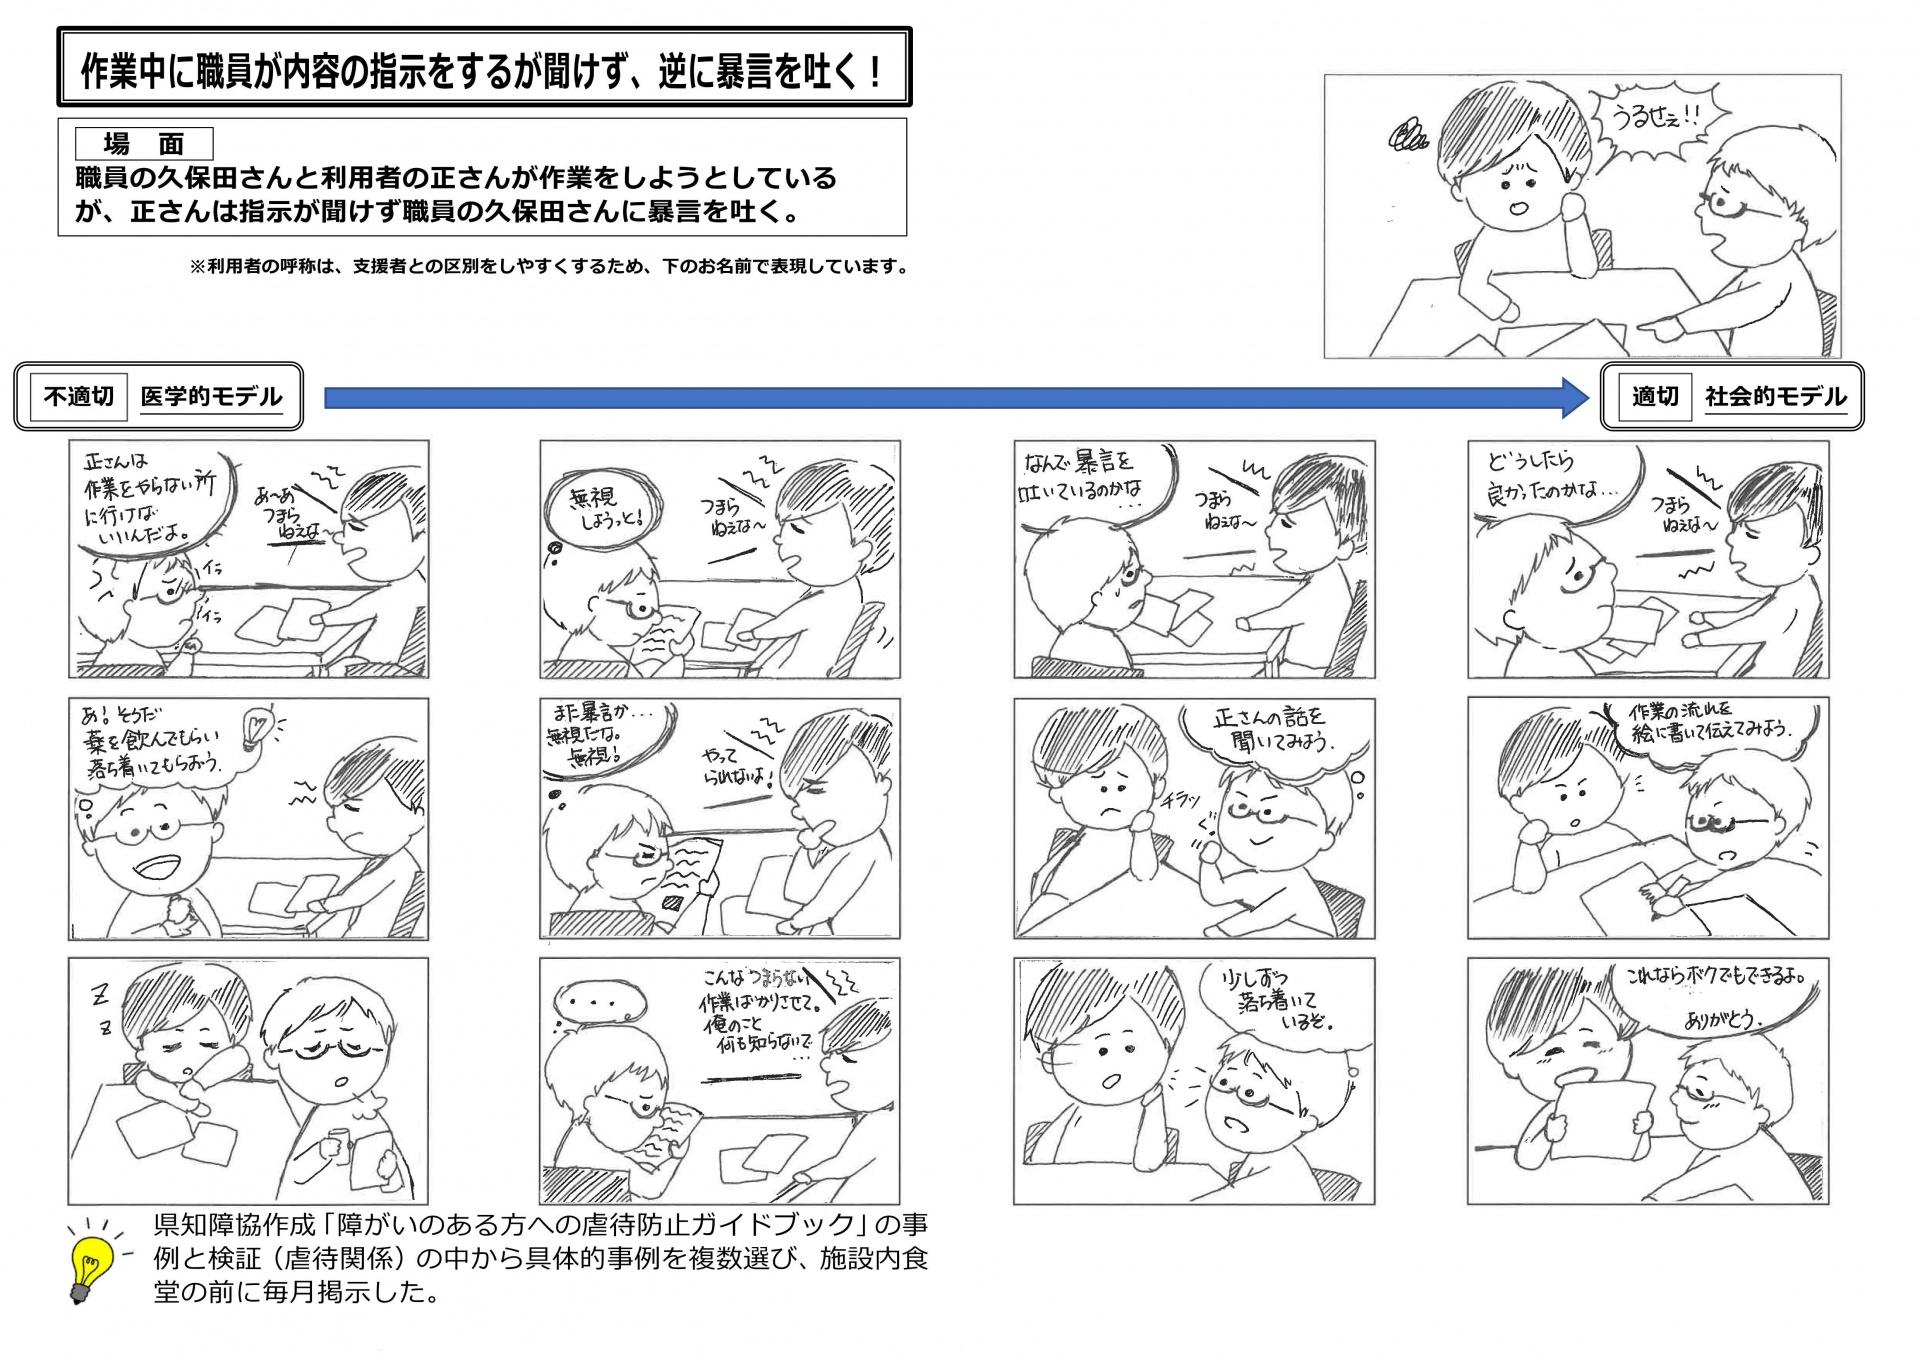 02絵コンテ(作業中に~)